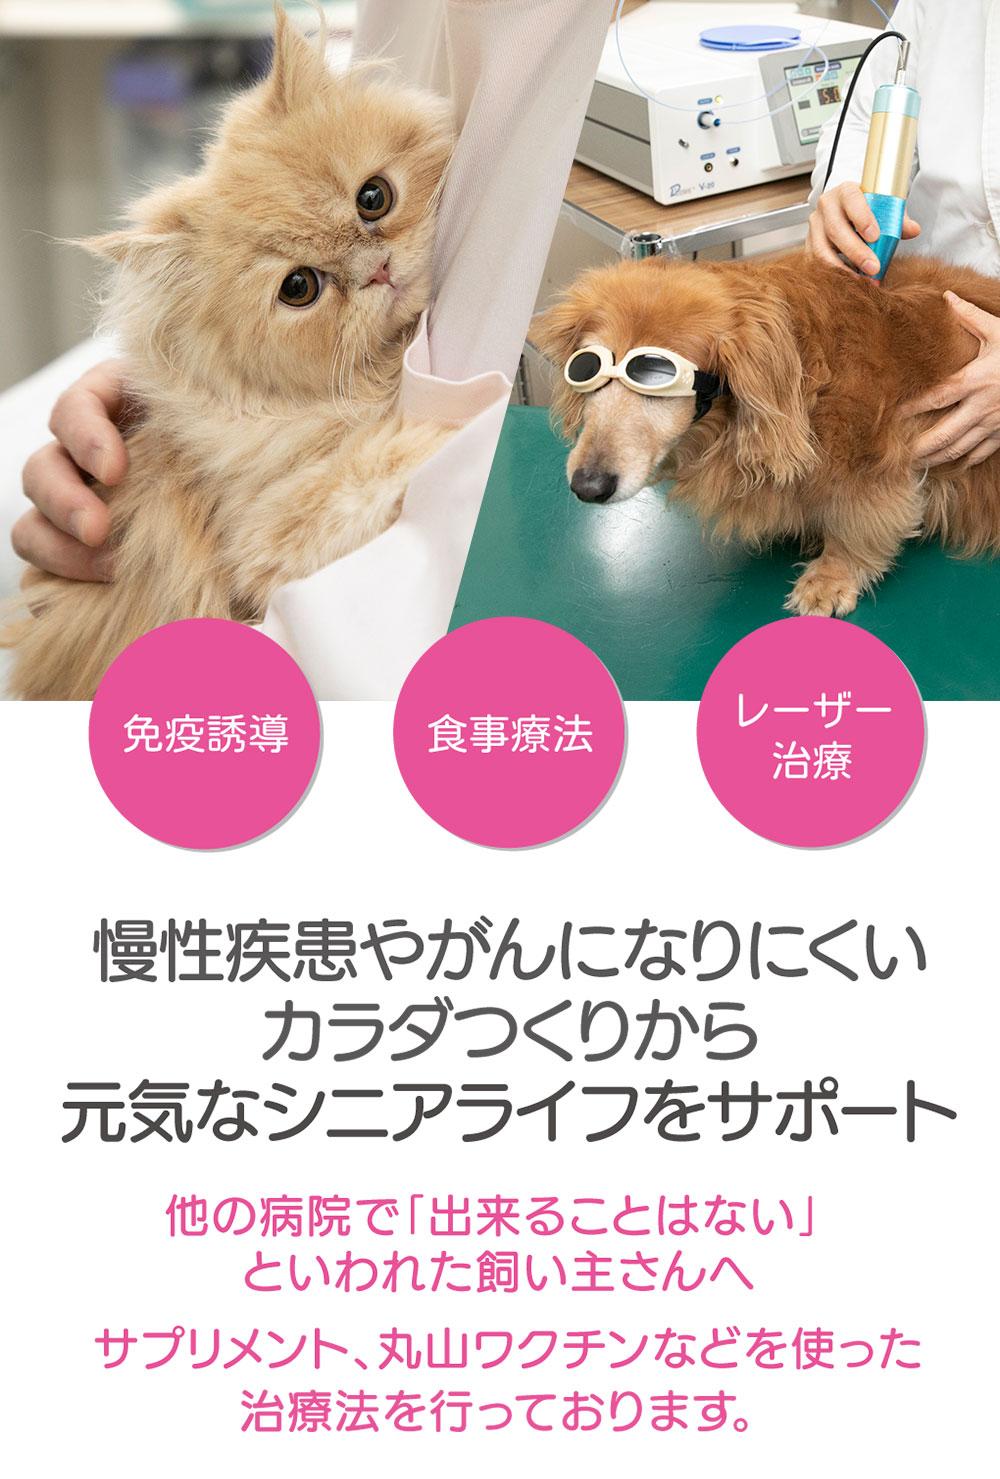 まねき猫ホスピタル|大阪府・守口市の動物病院